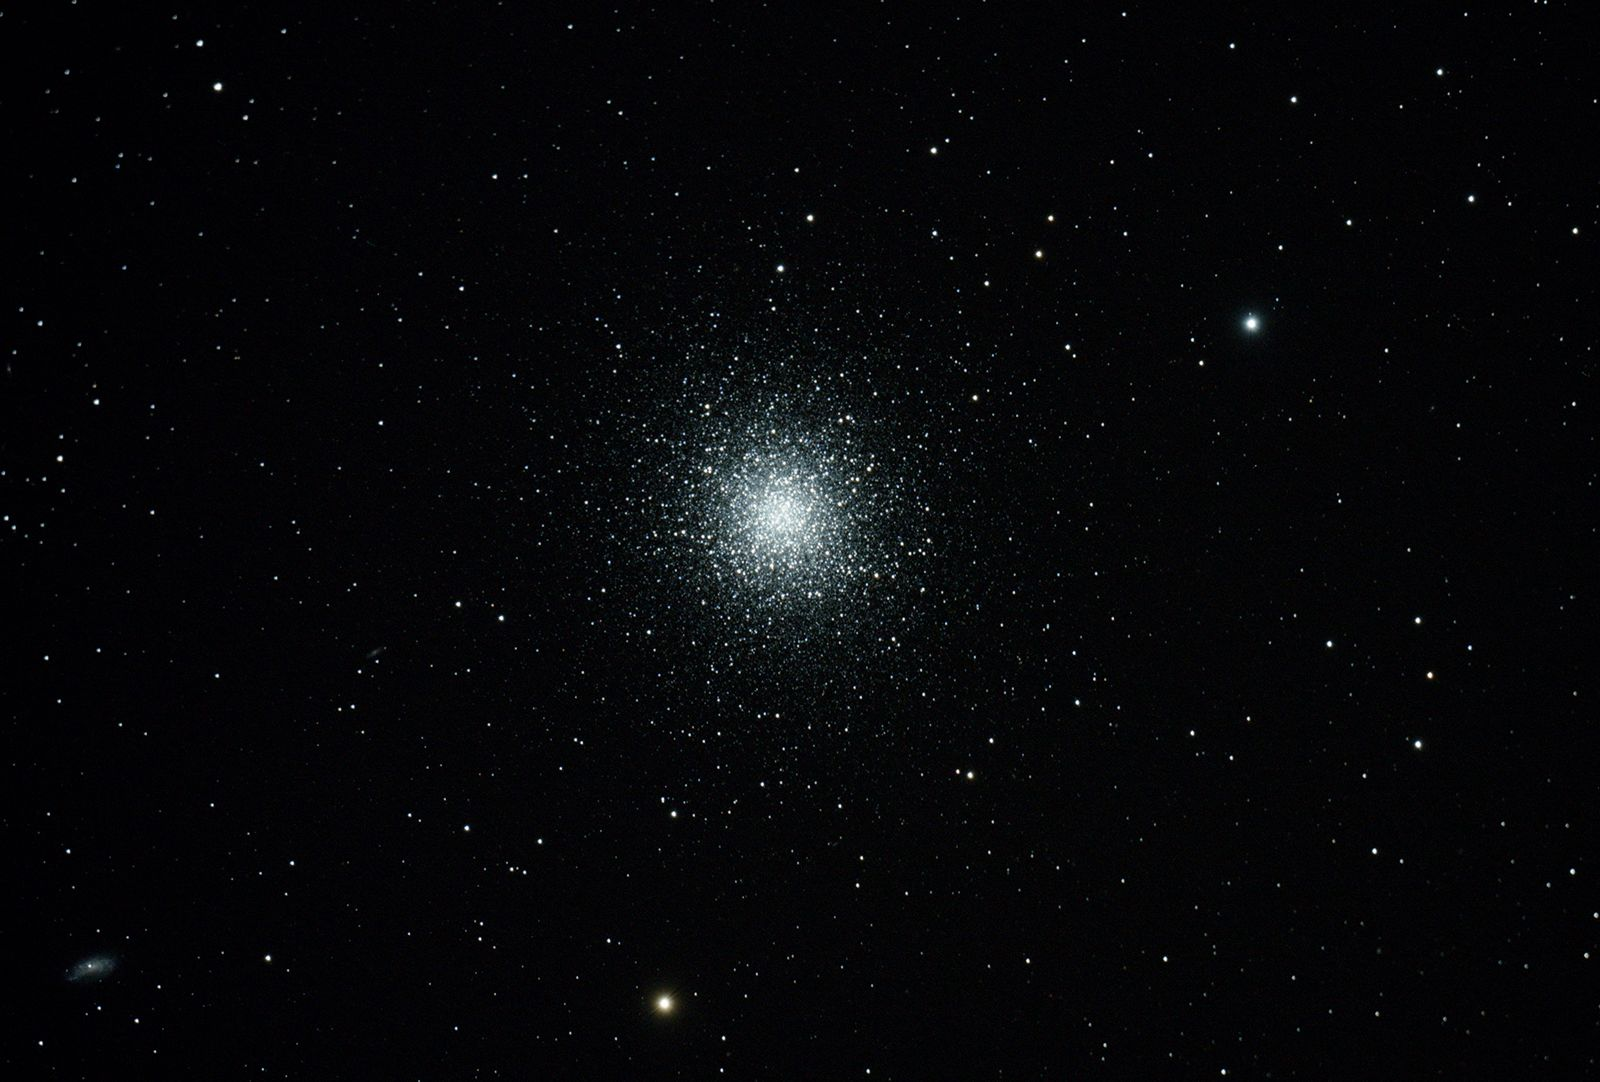 M13 - Globular Cluster in Hercules